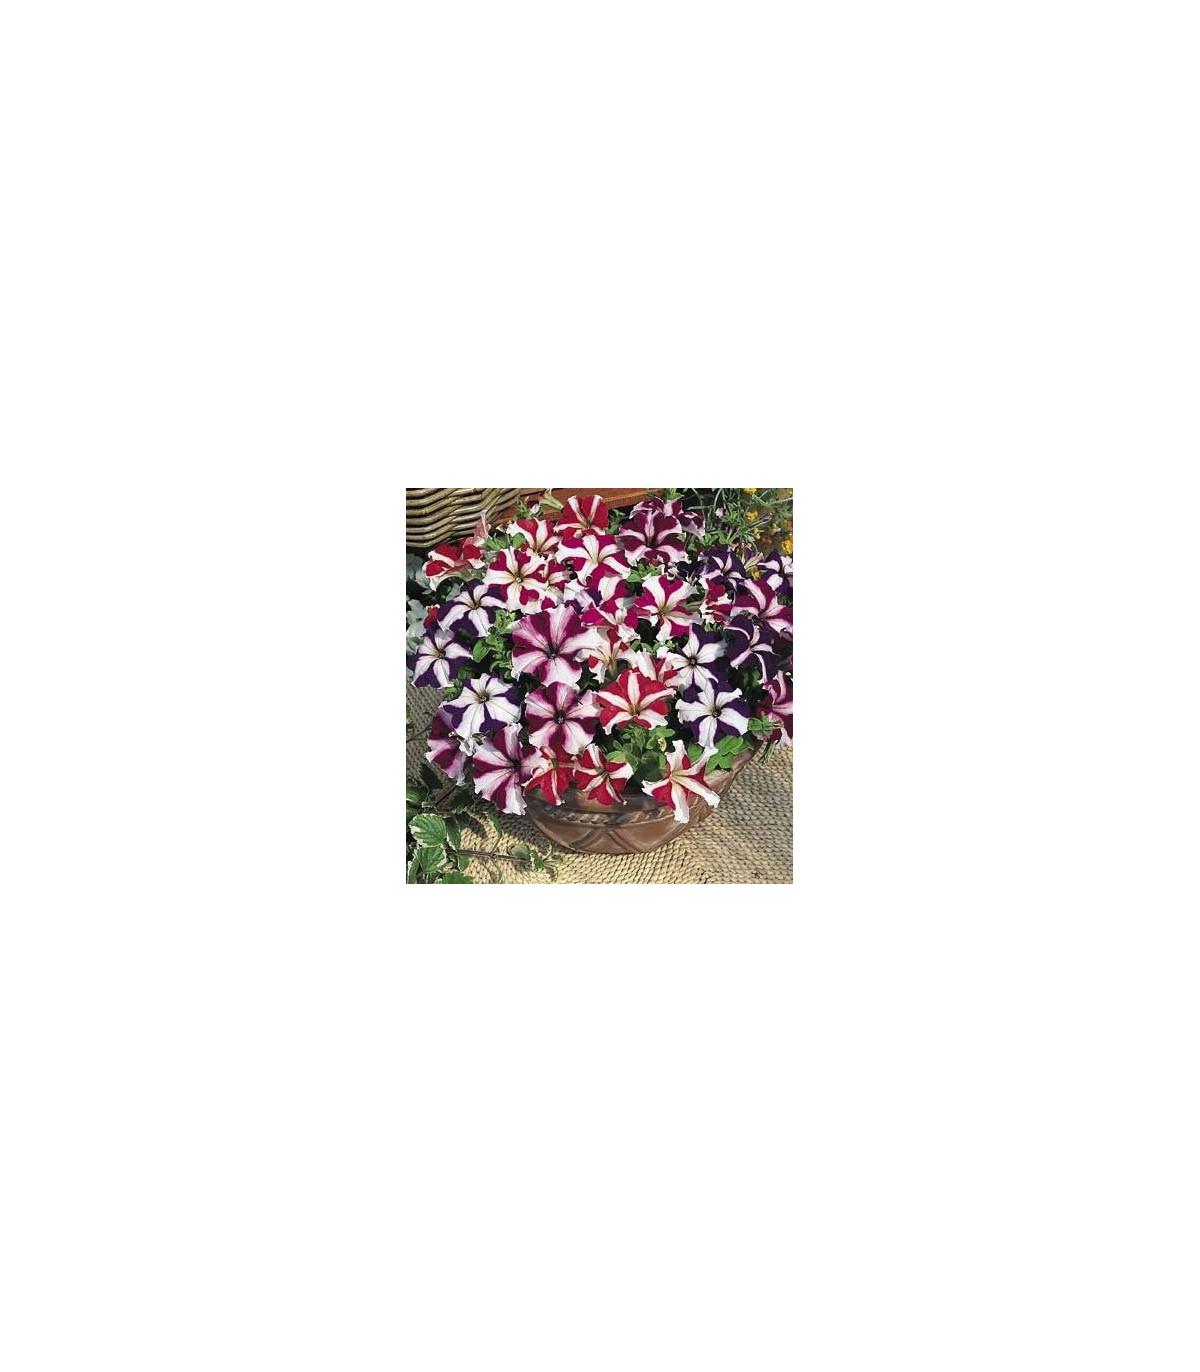 Petúnie nízká Stars mix - Petunia nana compacta - osivo petúnie - 20 ks